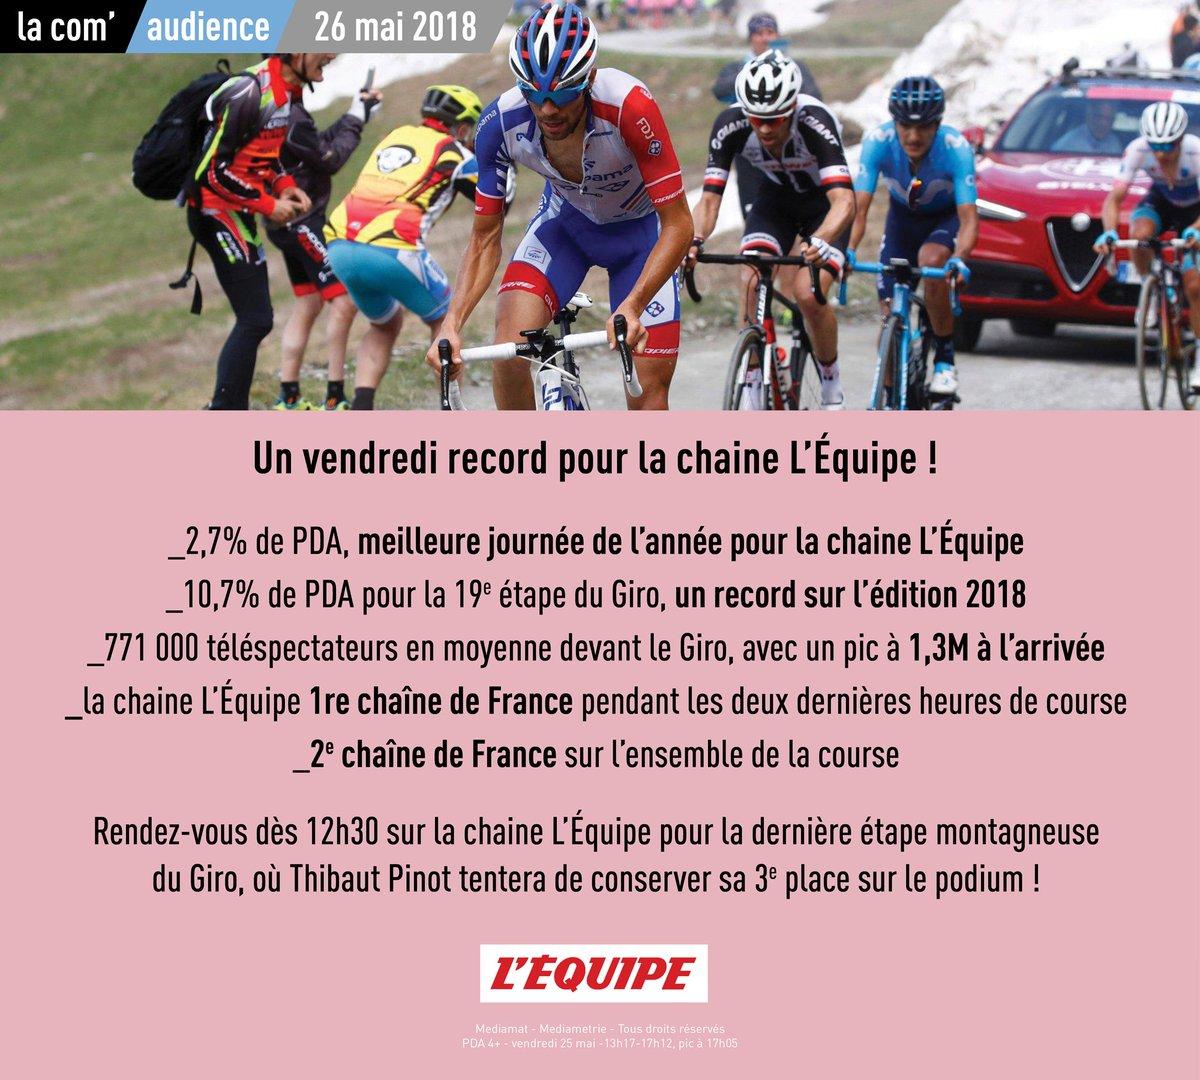 Le vélo à la TV - Page 7 DeHXr_YV0AAK4x-